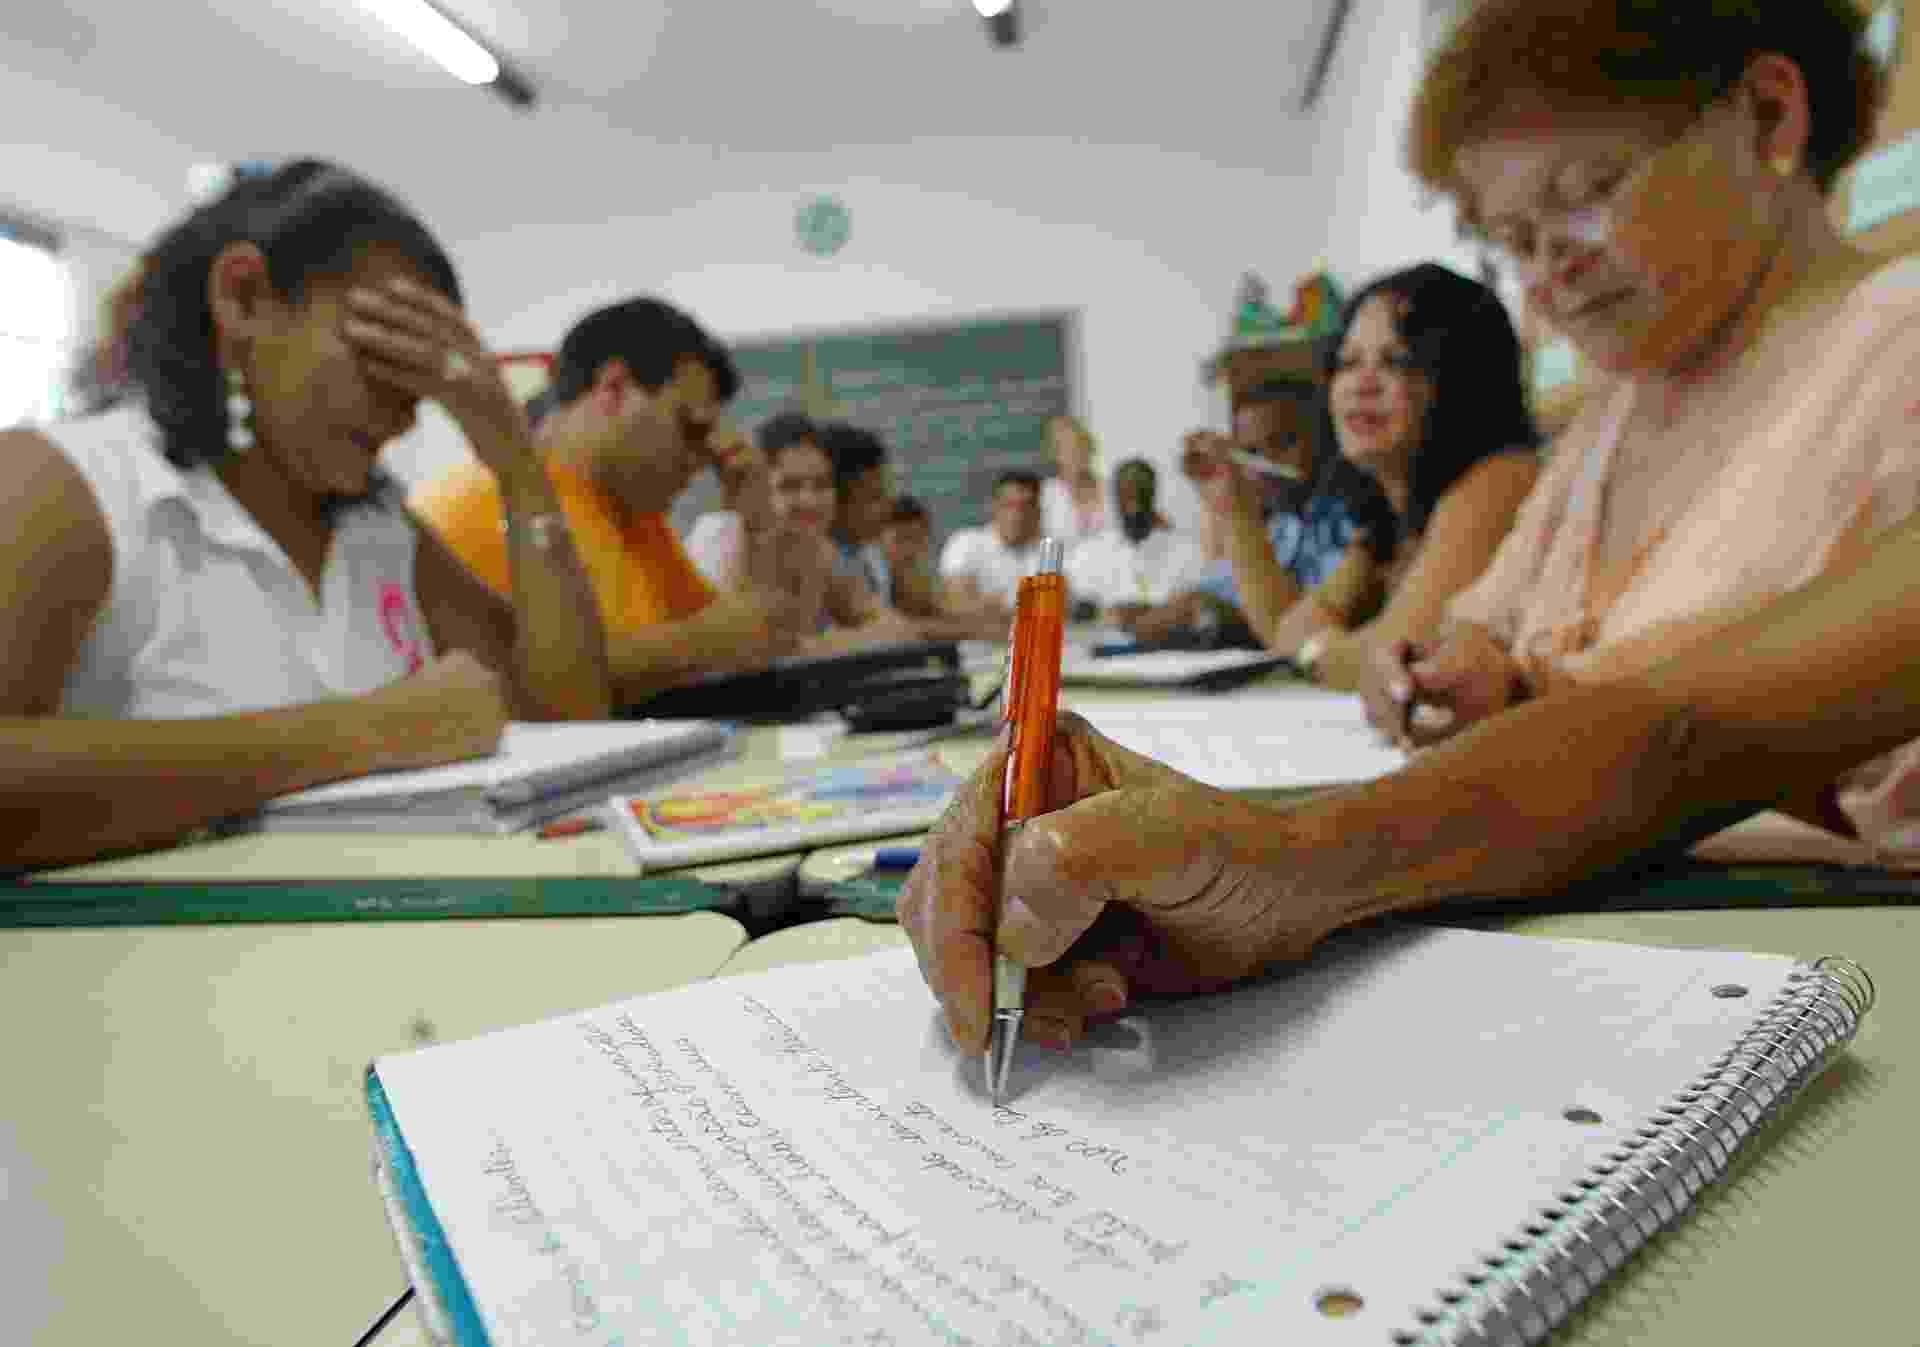 Adultos alfabetizados pelo CIEJA (Centro Integrado de Educa?o de Jovens e Adultos) na Zona Norte - Antônio Gaudério/Folhapress